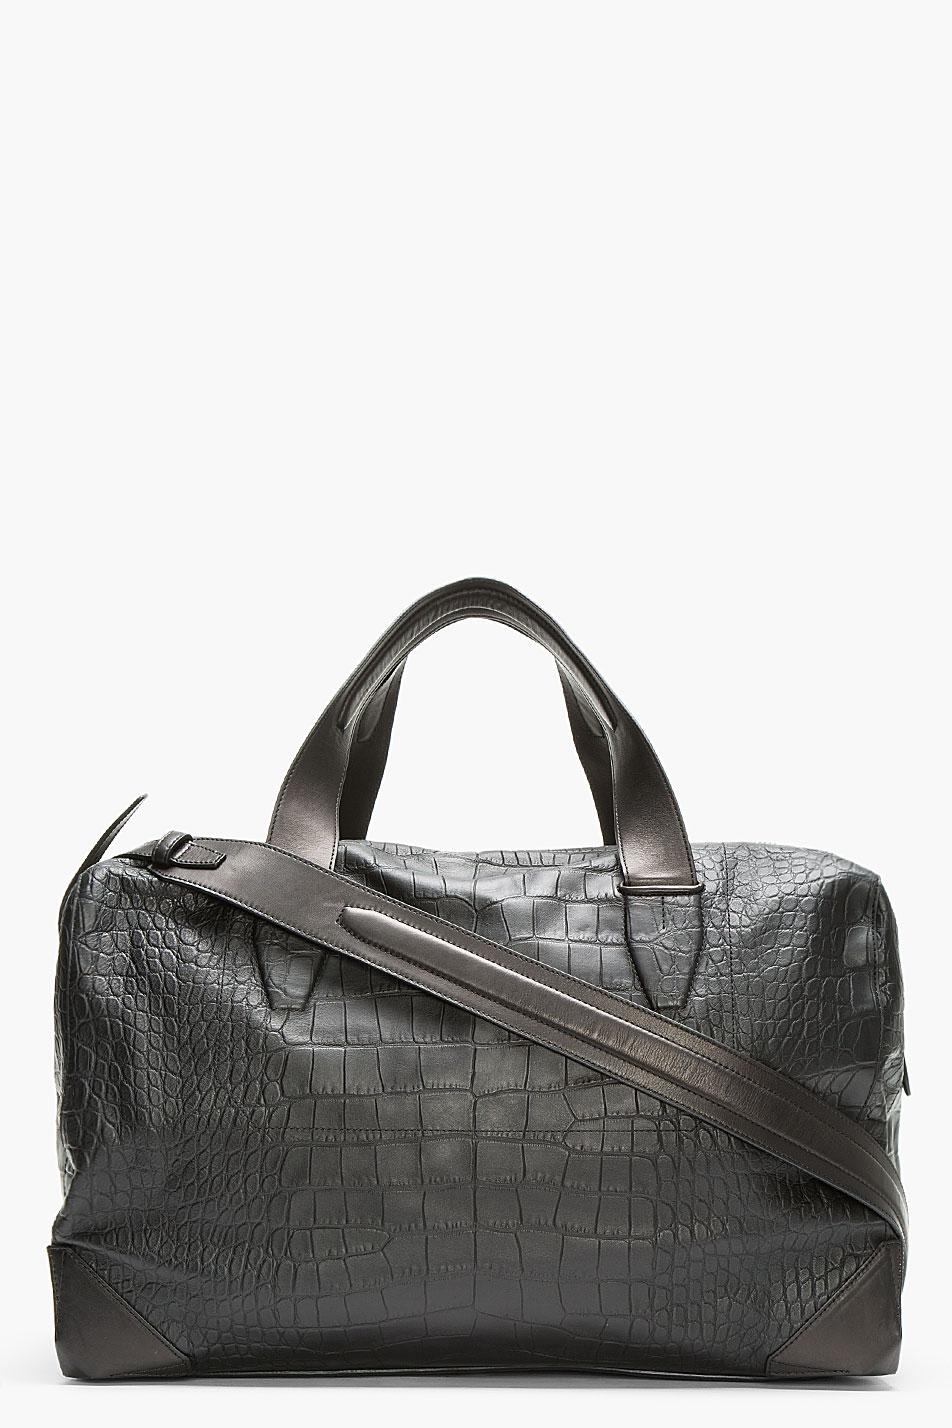 Alexander Wang Black Croc Embossed Leather Wallie Duffle